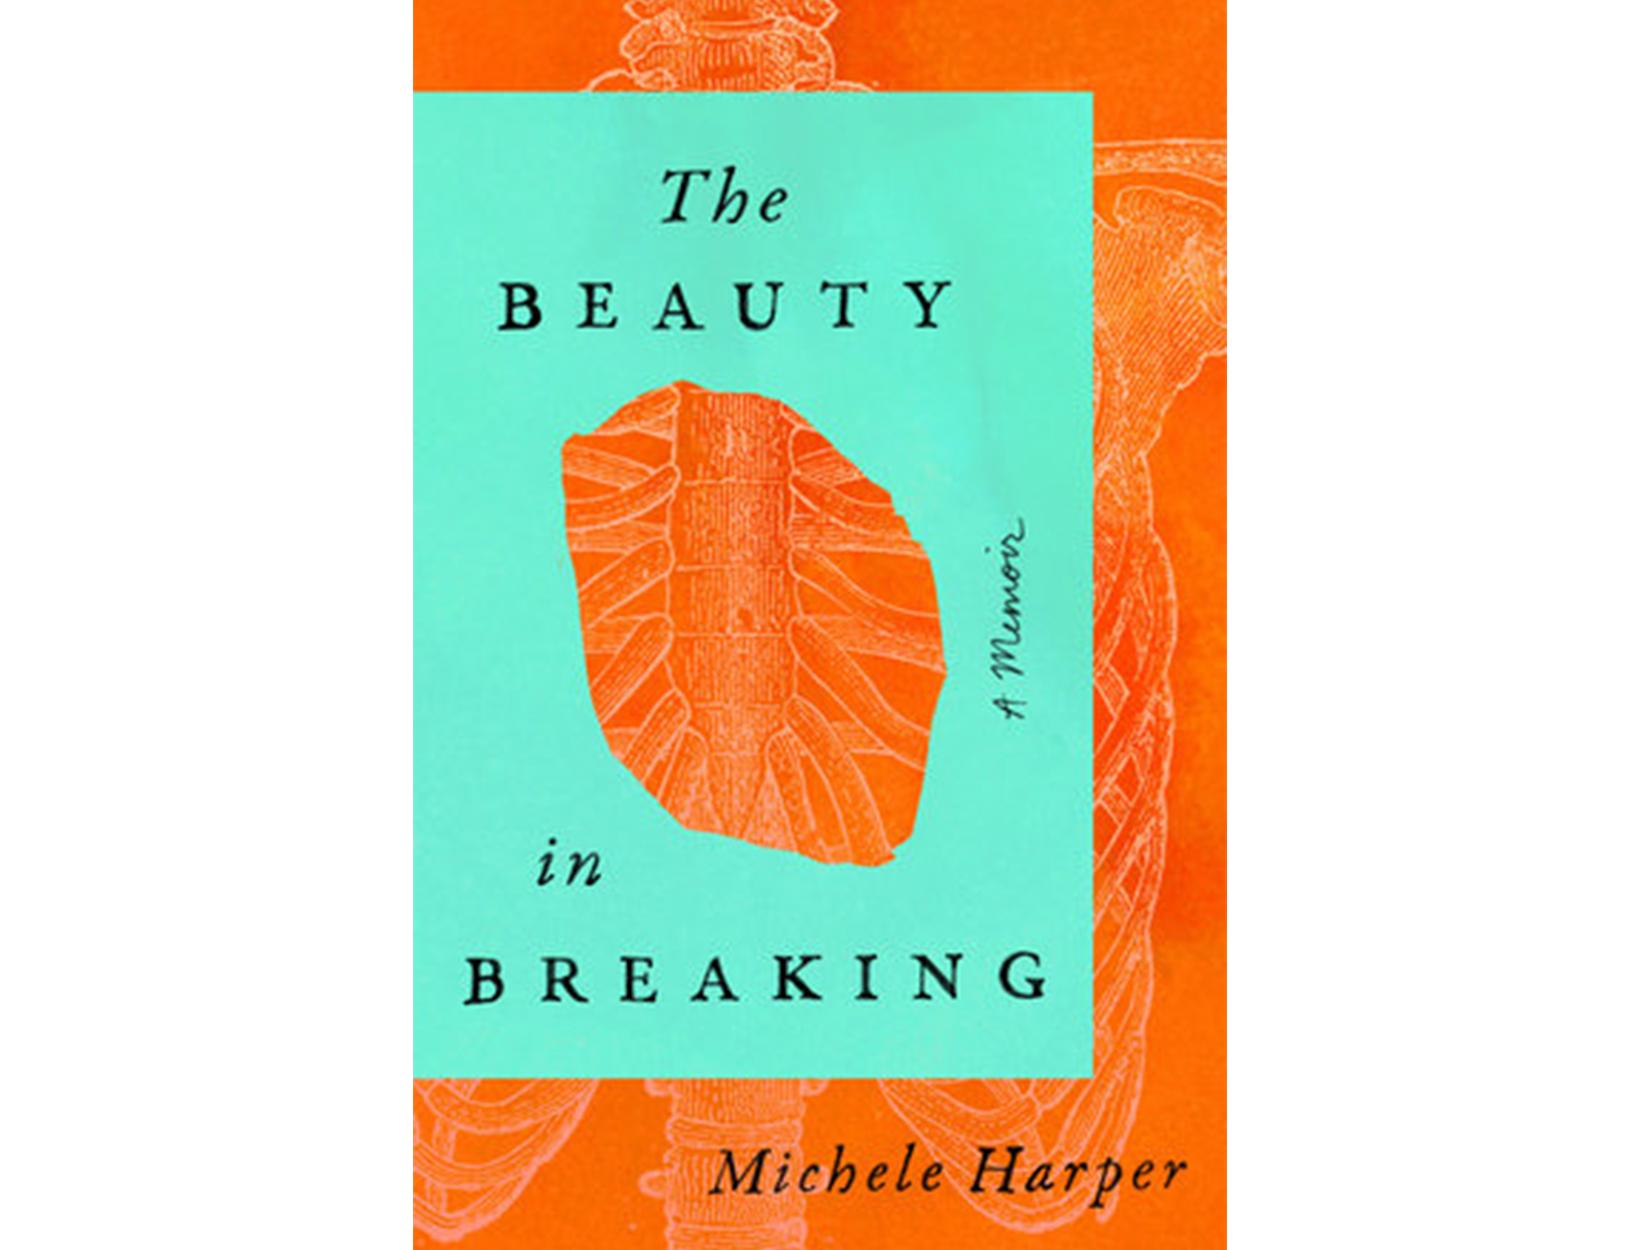 <em>The Beauty in Breaking</em> by Michele Harper